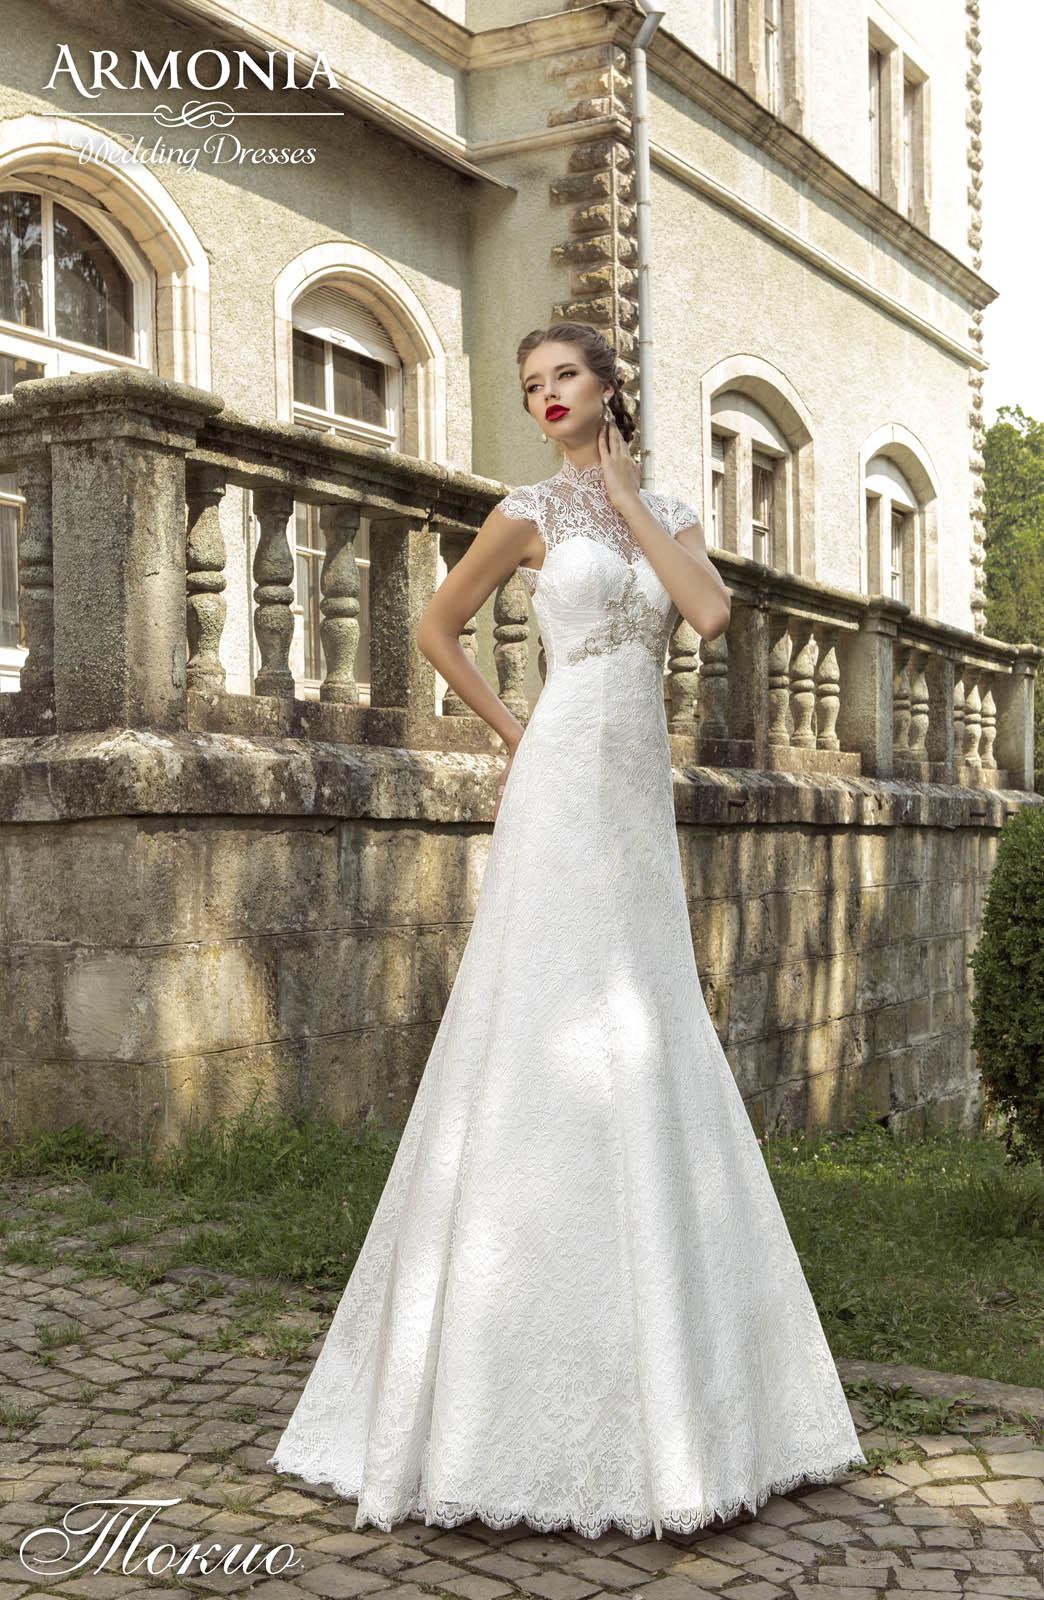 Свадебное платье Tokyo Armonia